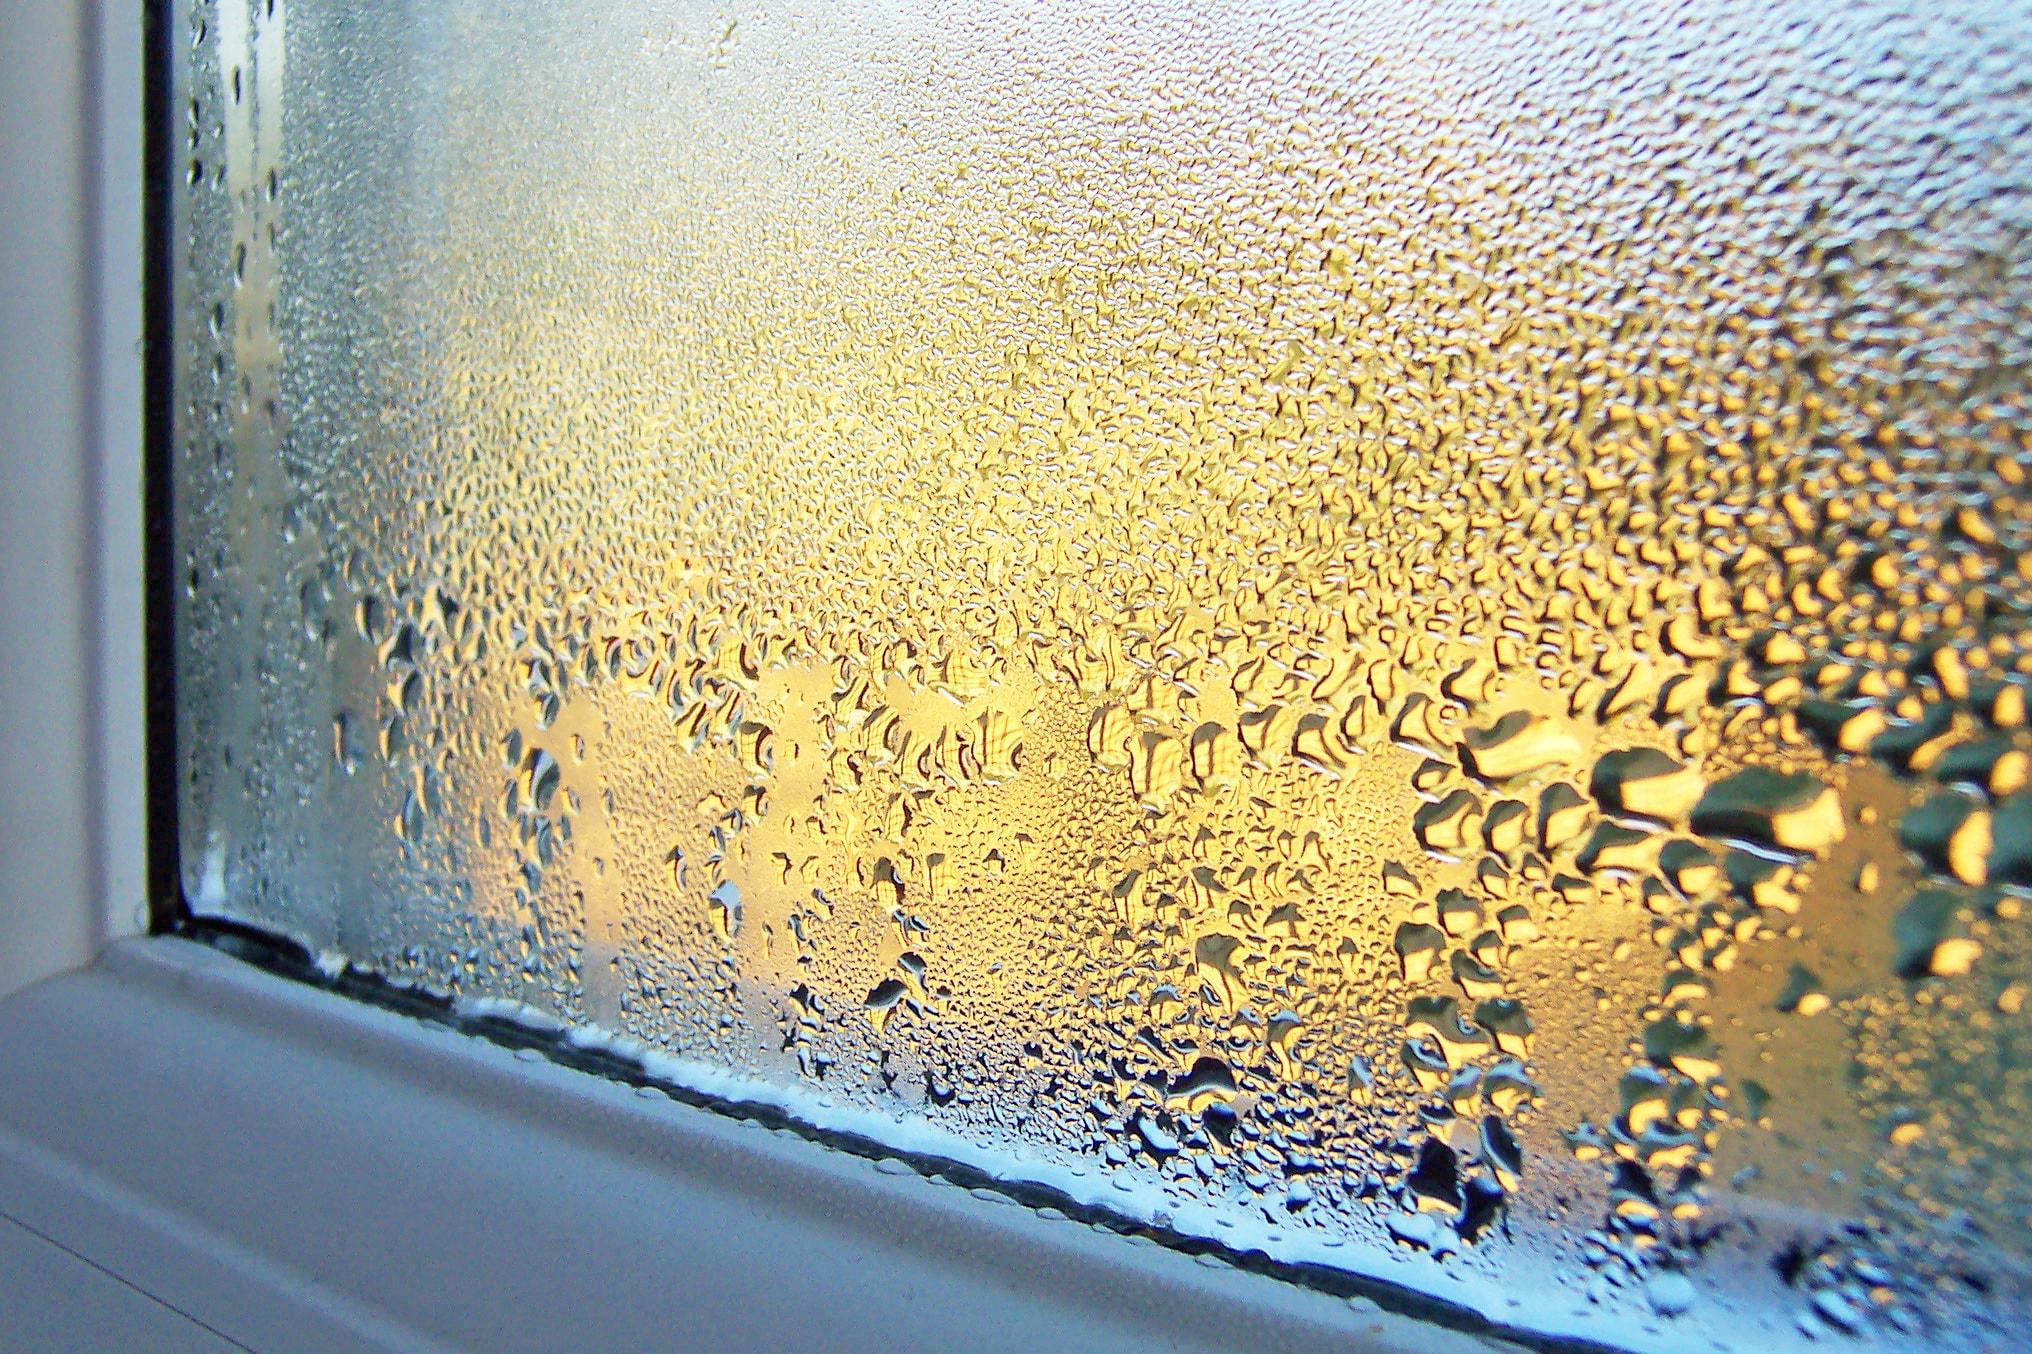 Fensterheizung ▷ Nie wieder Kondenswasser am Fenster